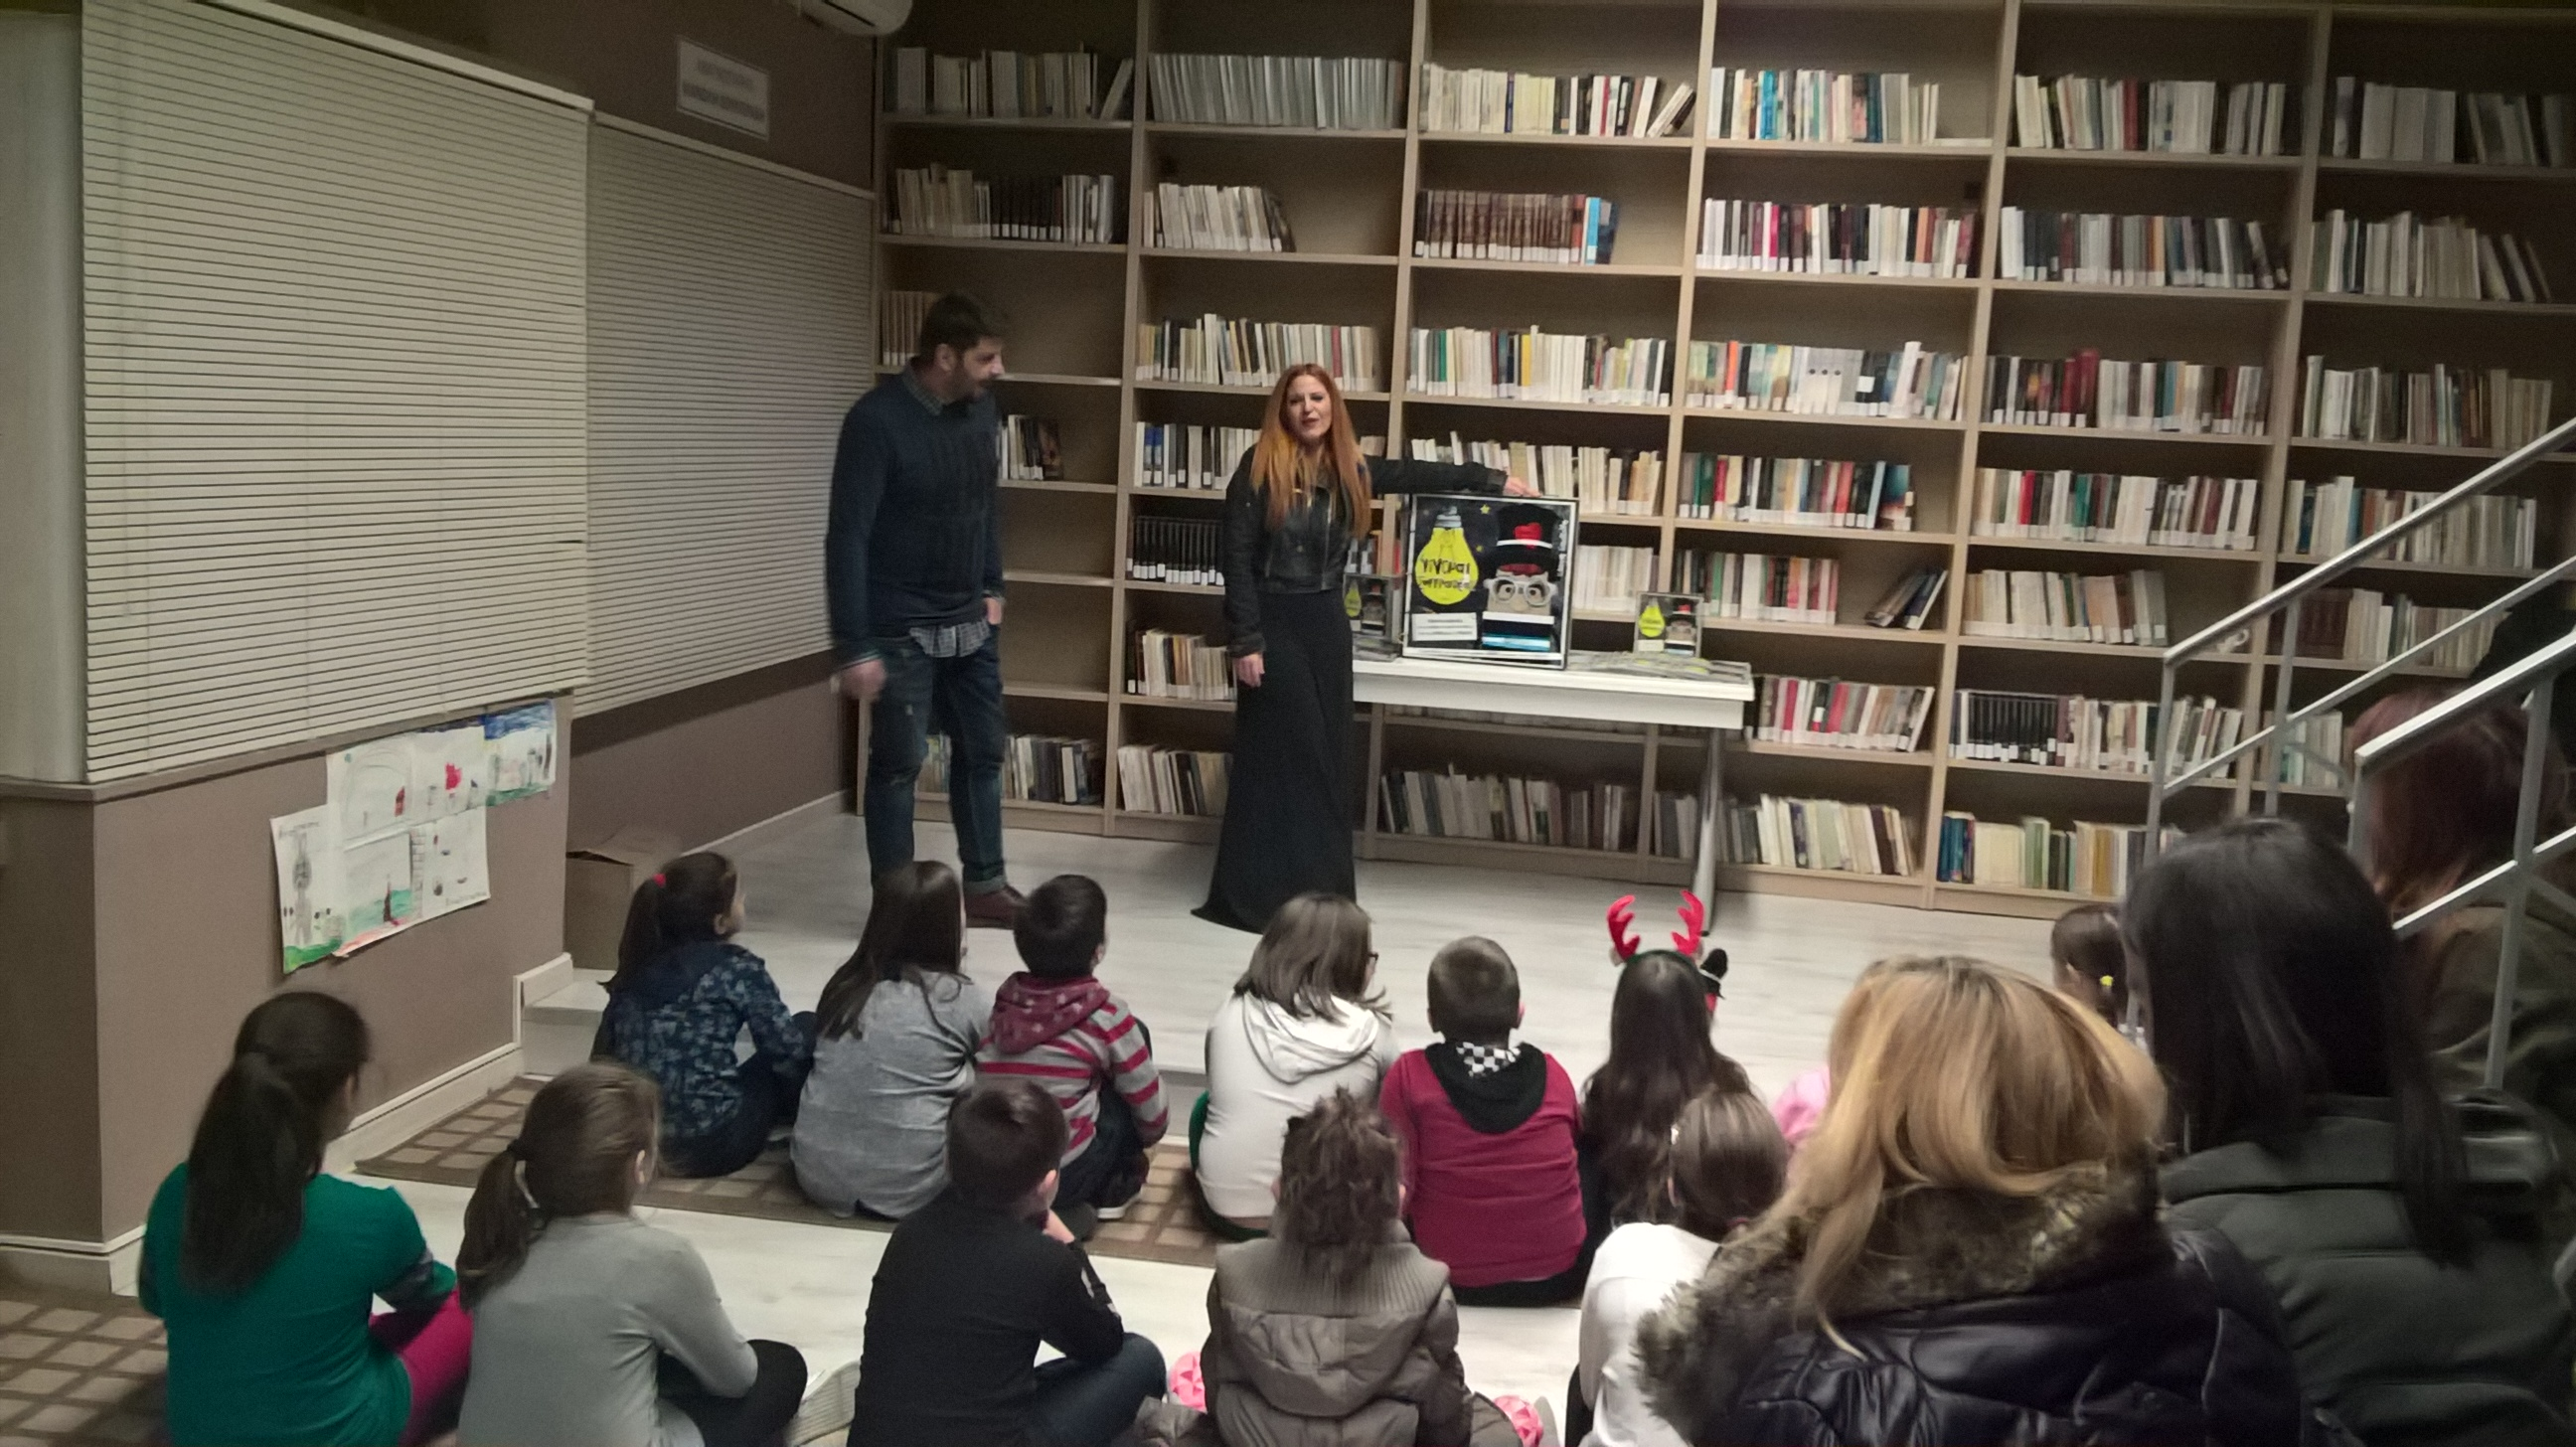 «Γίνομαι συγγραφέας» της Κλαίρης Καμπάνη στη Δημοτική Βιβλιοθήκη Μαλεβιζίου